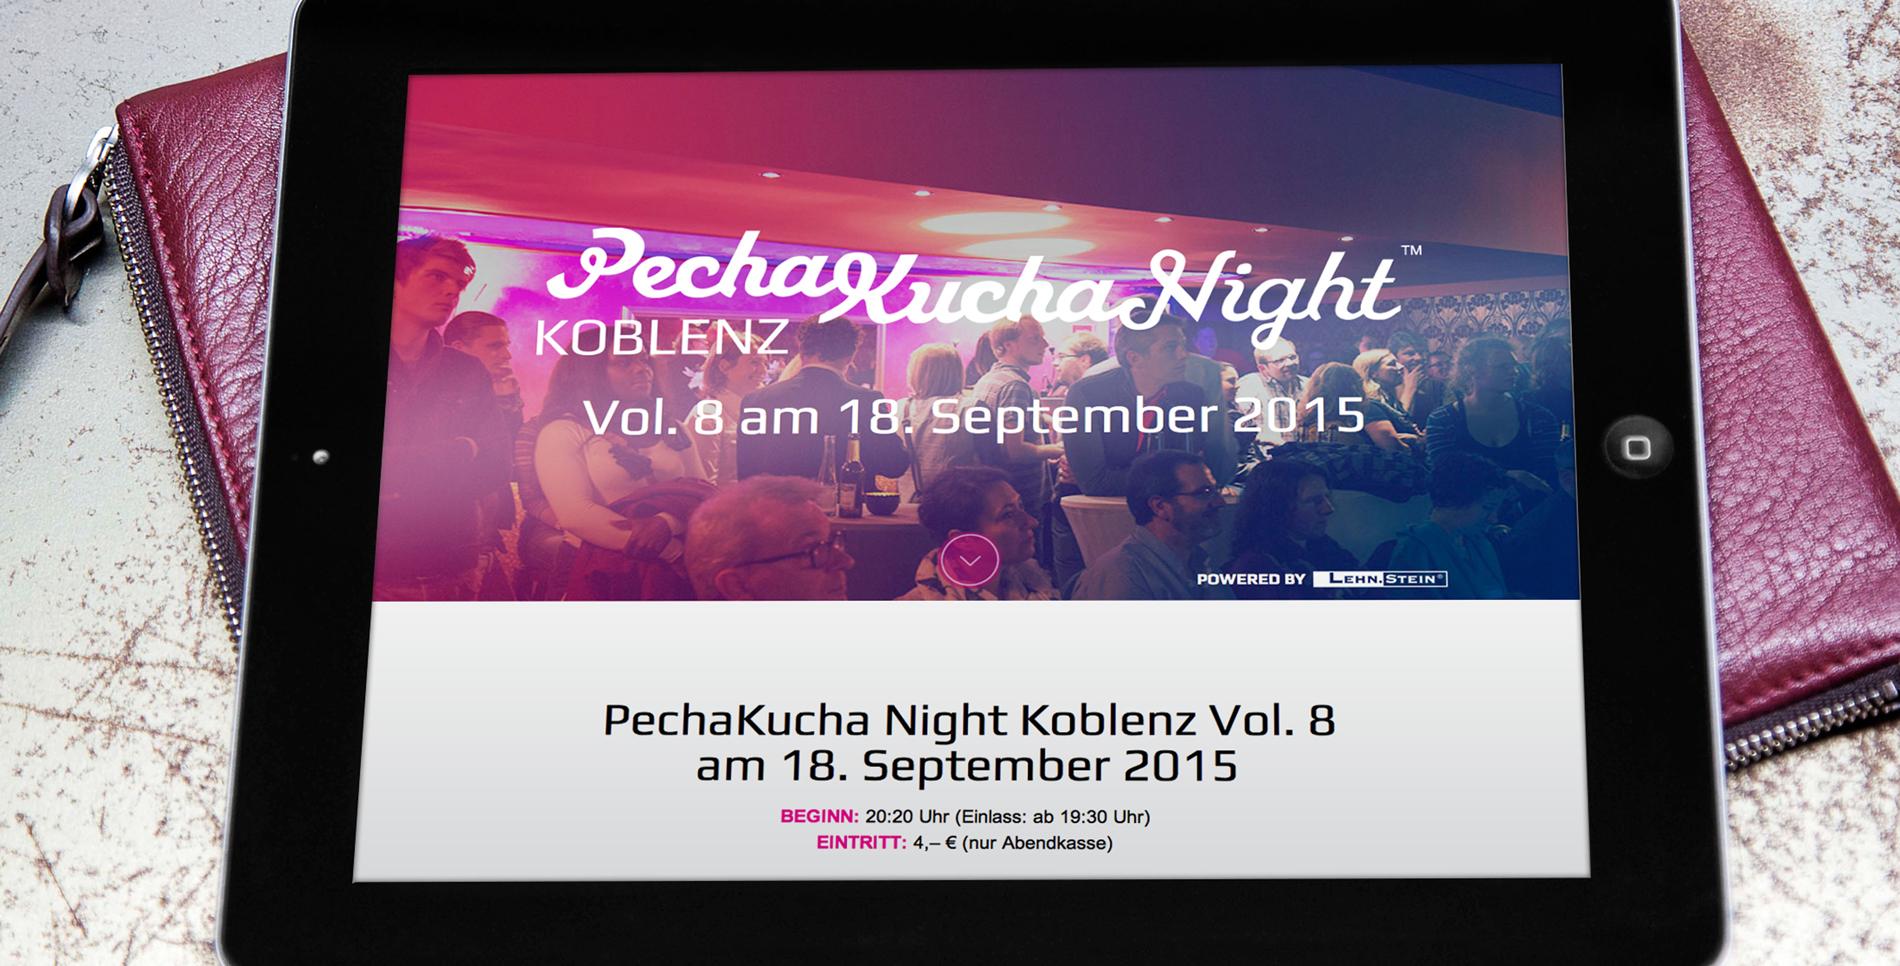 PechaKucha Night Koblenz Vol 8 – Werbeagentur Lehnstein Koblenz Veranstaltungen